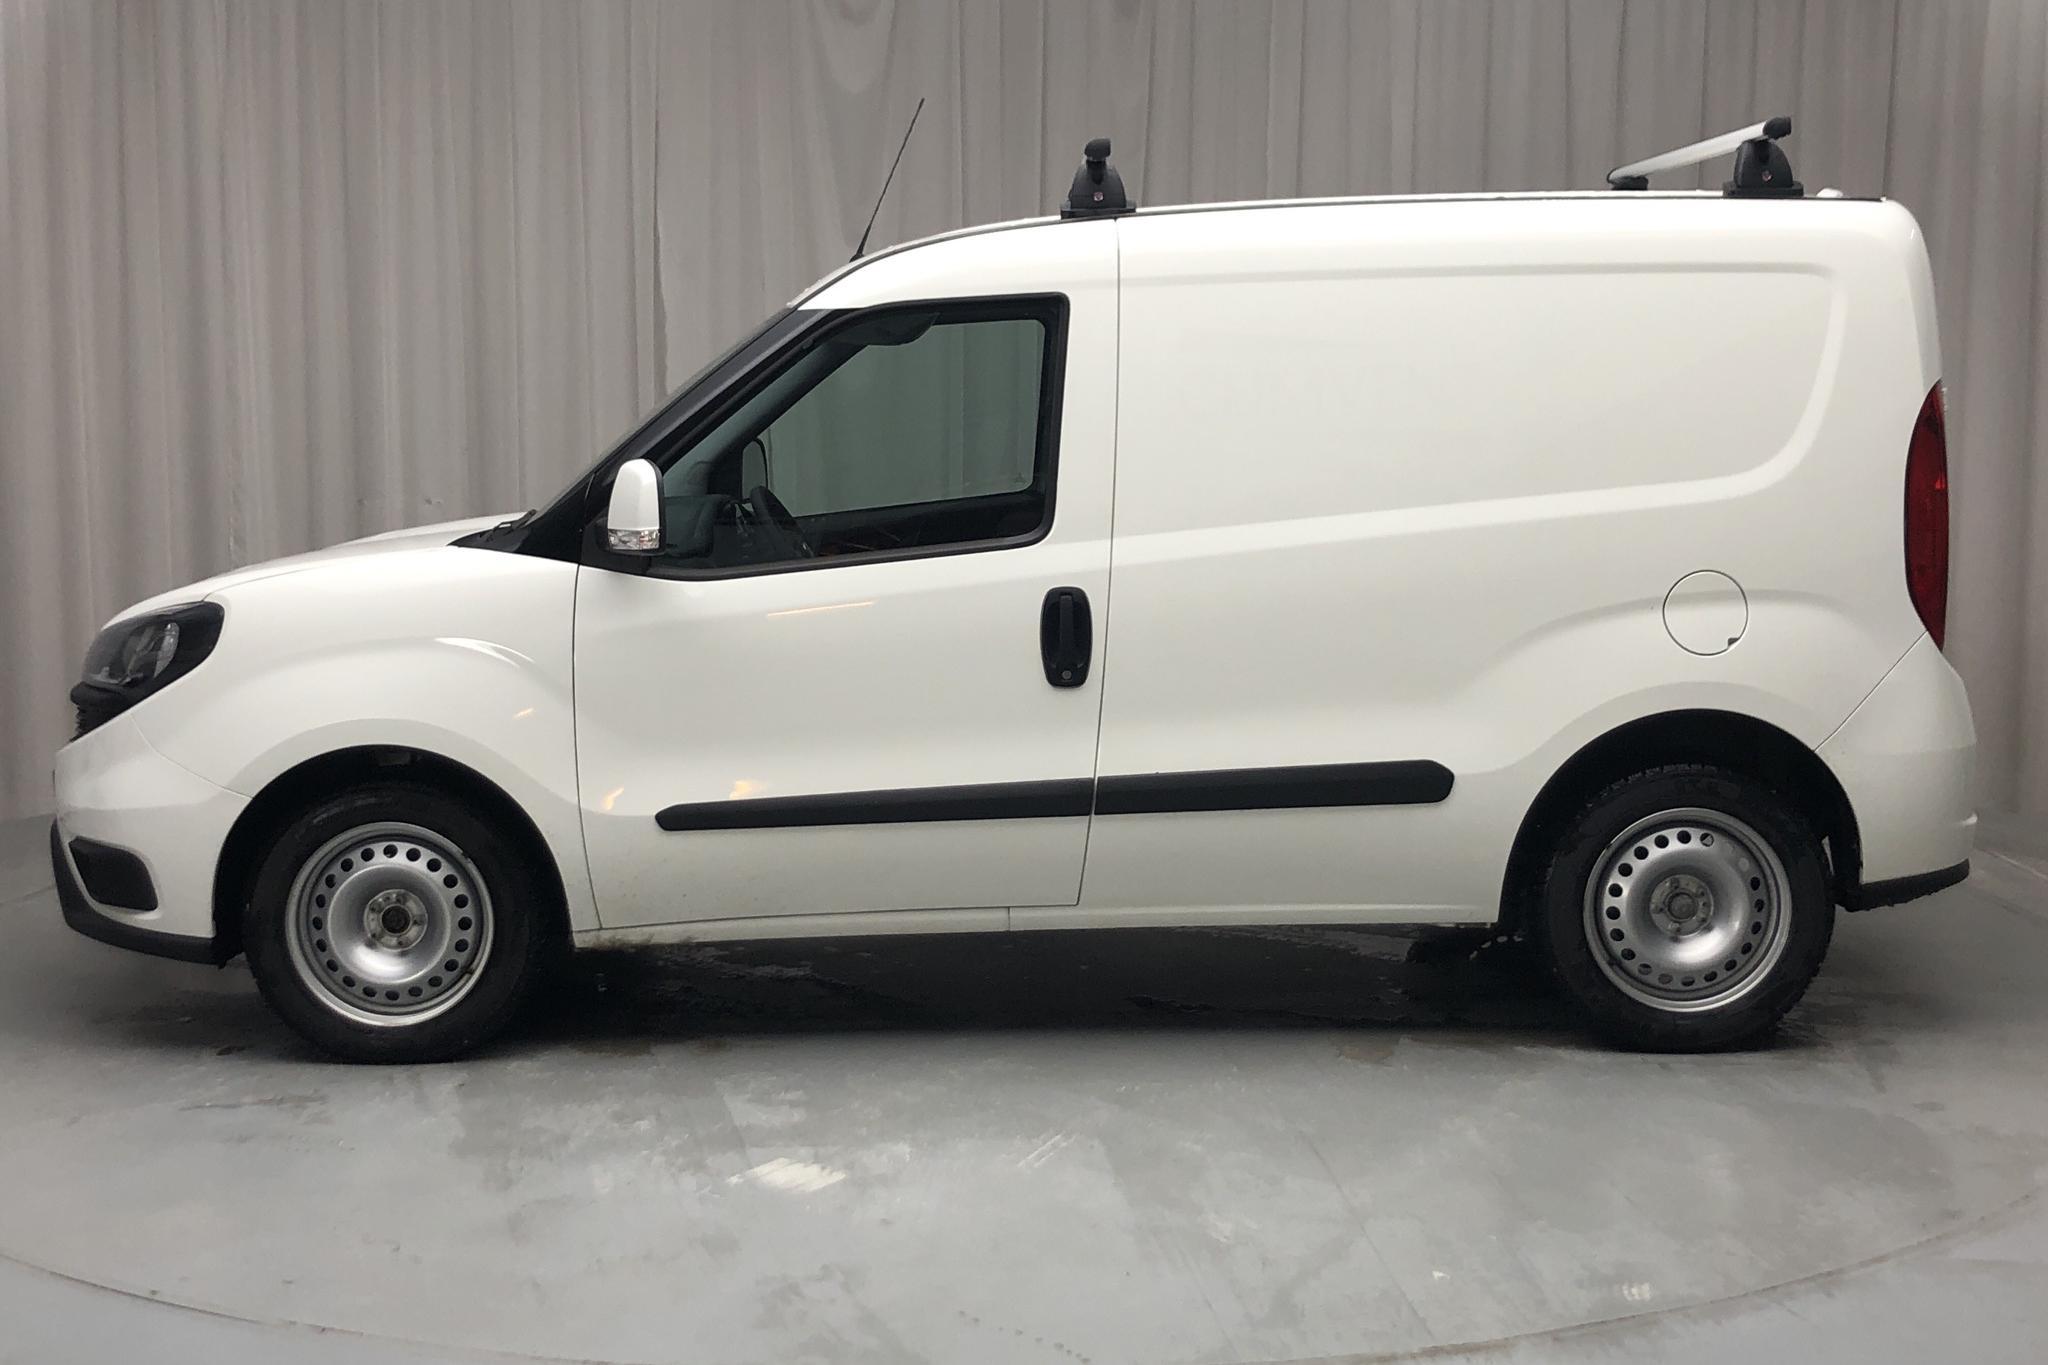 Fiat Doblo Cargo 1.6 MJT (105hk) - 6 790 km - Manual - white - 2019